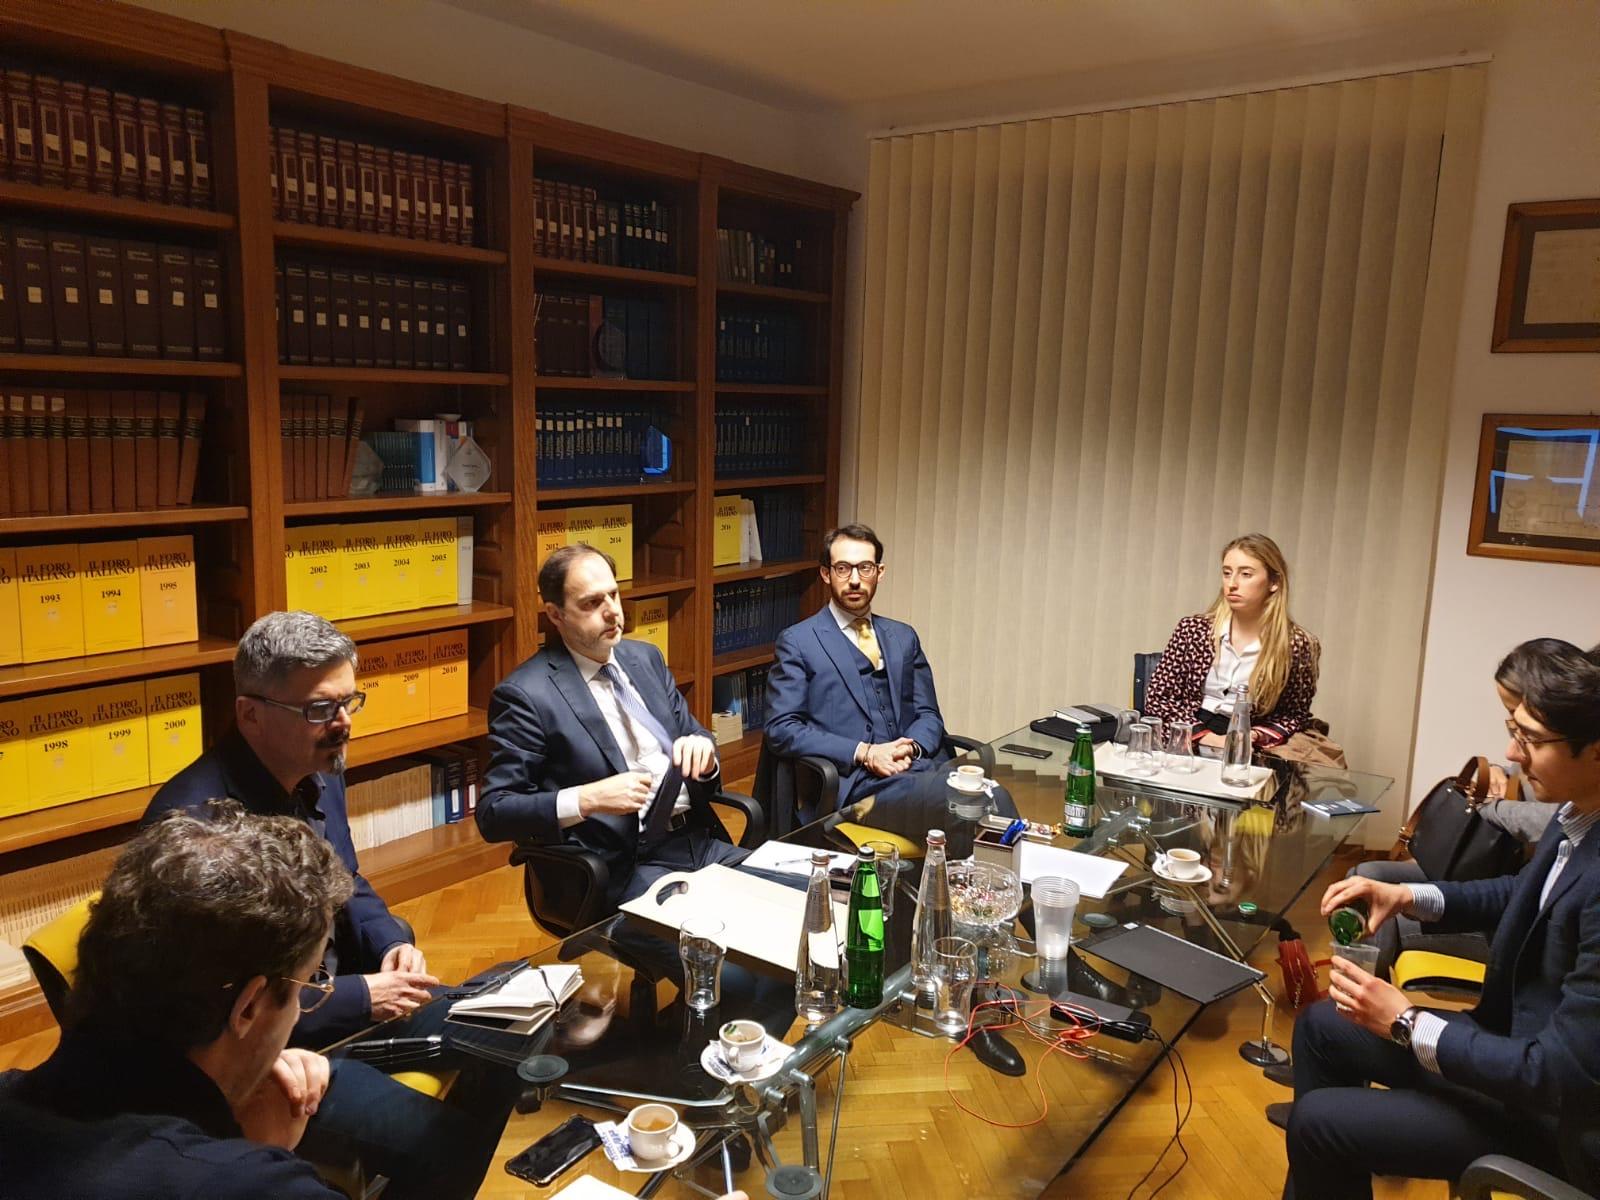 Intervista Fabiola Cinque all'avv. Alberto Improda